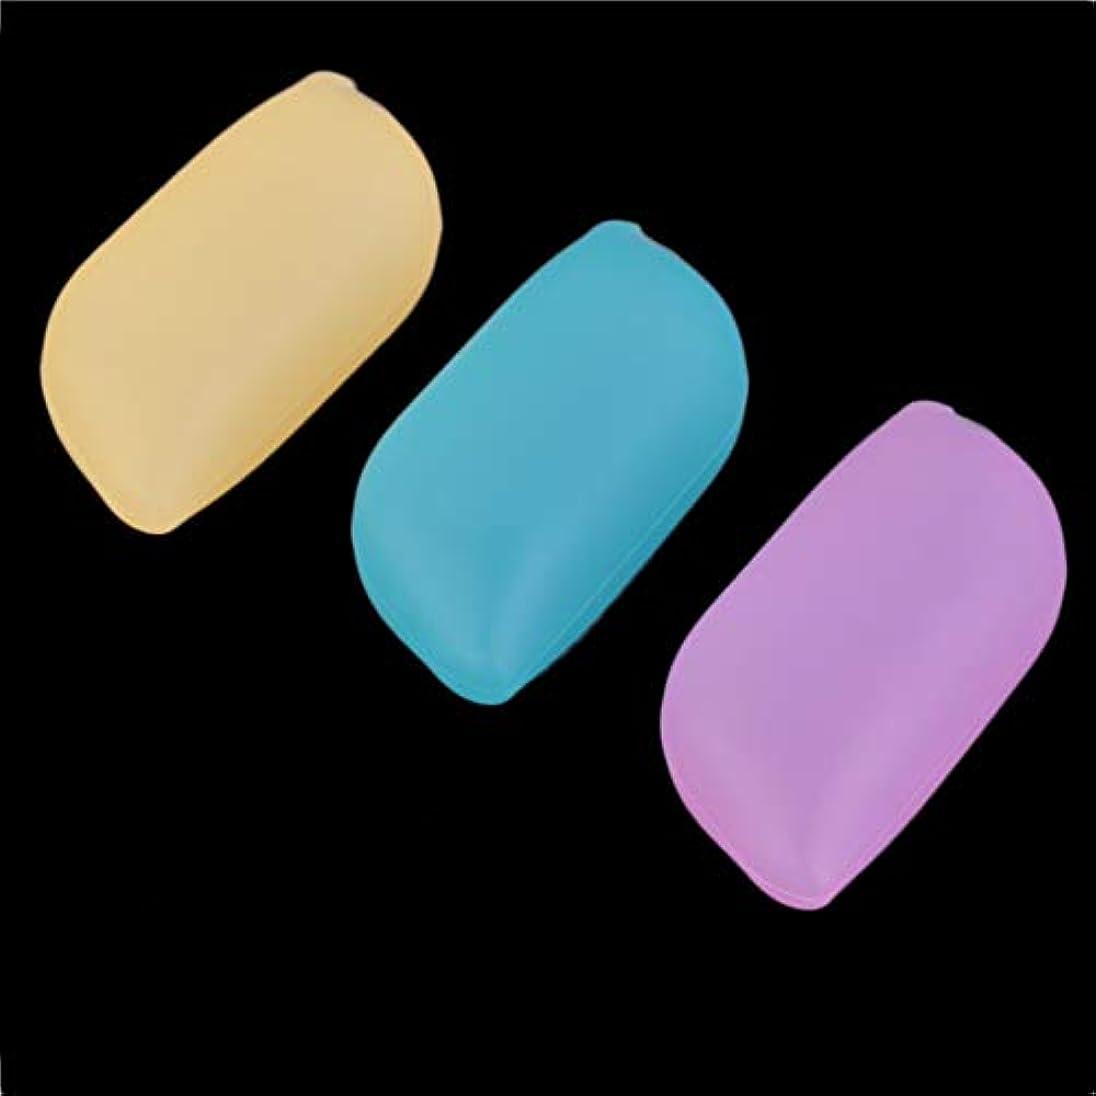 ポータブル軽量3ピースシリコンソフトトラベルキャンプホールディング歯ブラシヘッドケースカバー保護キャップきれいに保つ